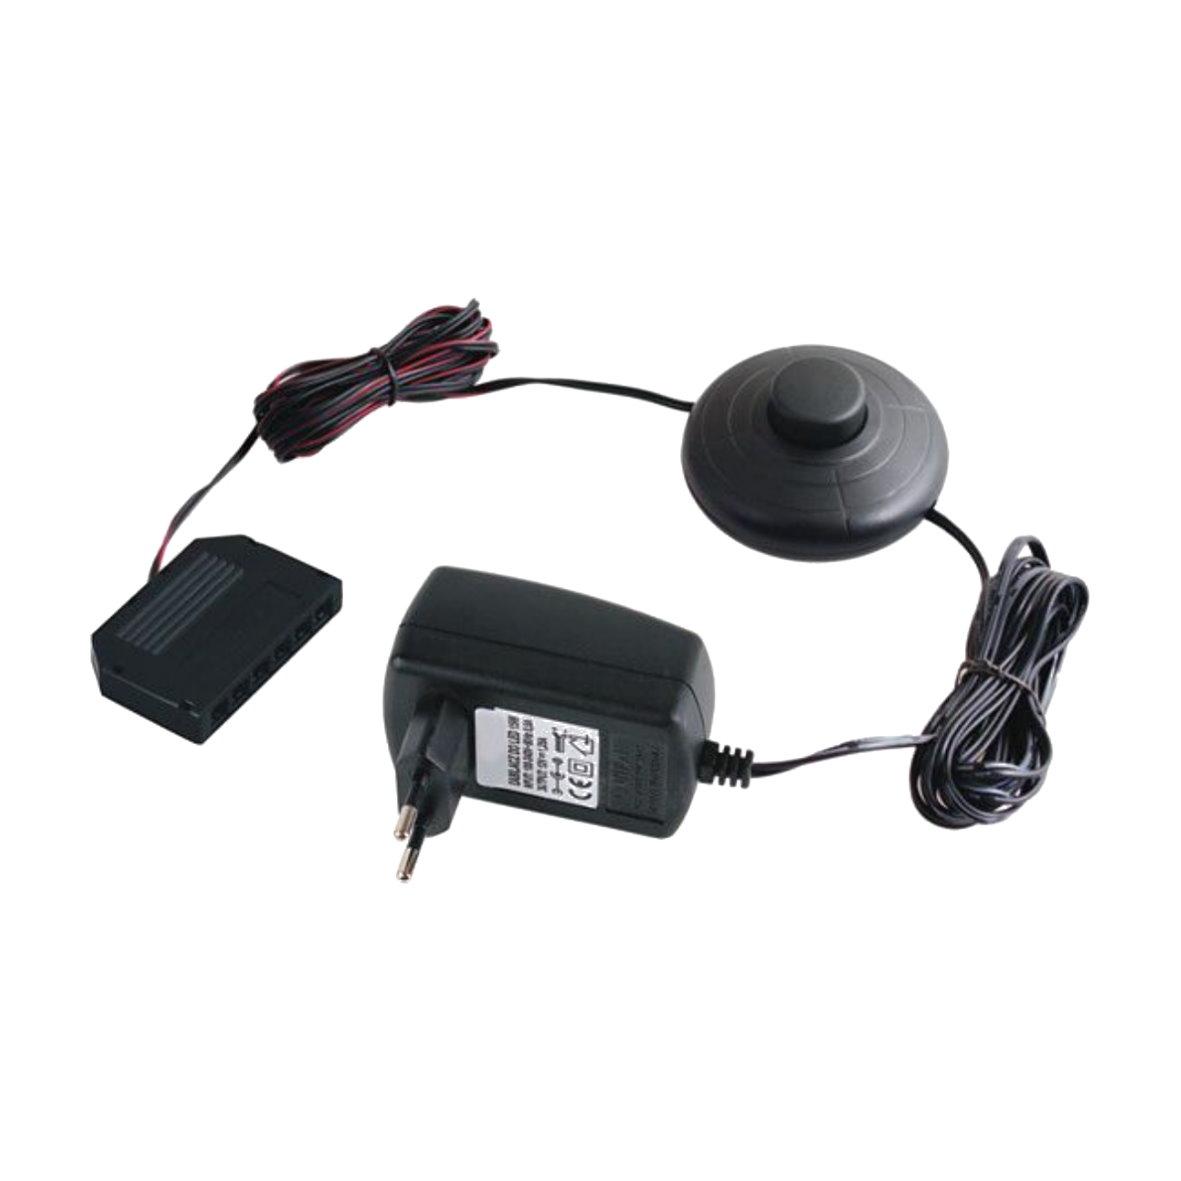 12V LED Mini Stecker Kabel Sensor Buchse Zubehör Kabel  -> Led Lampe Ohne Kabel